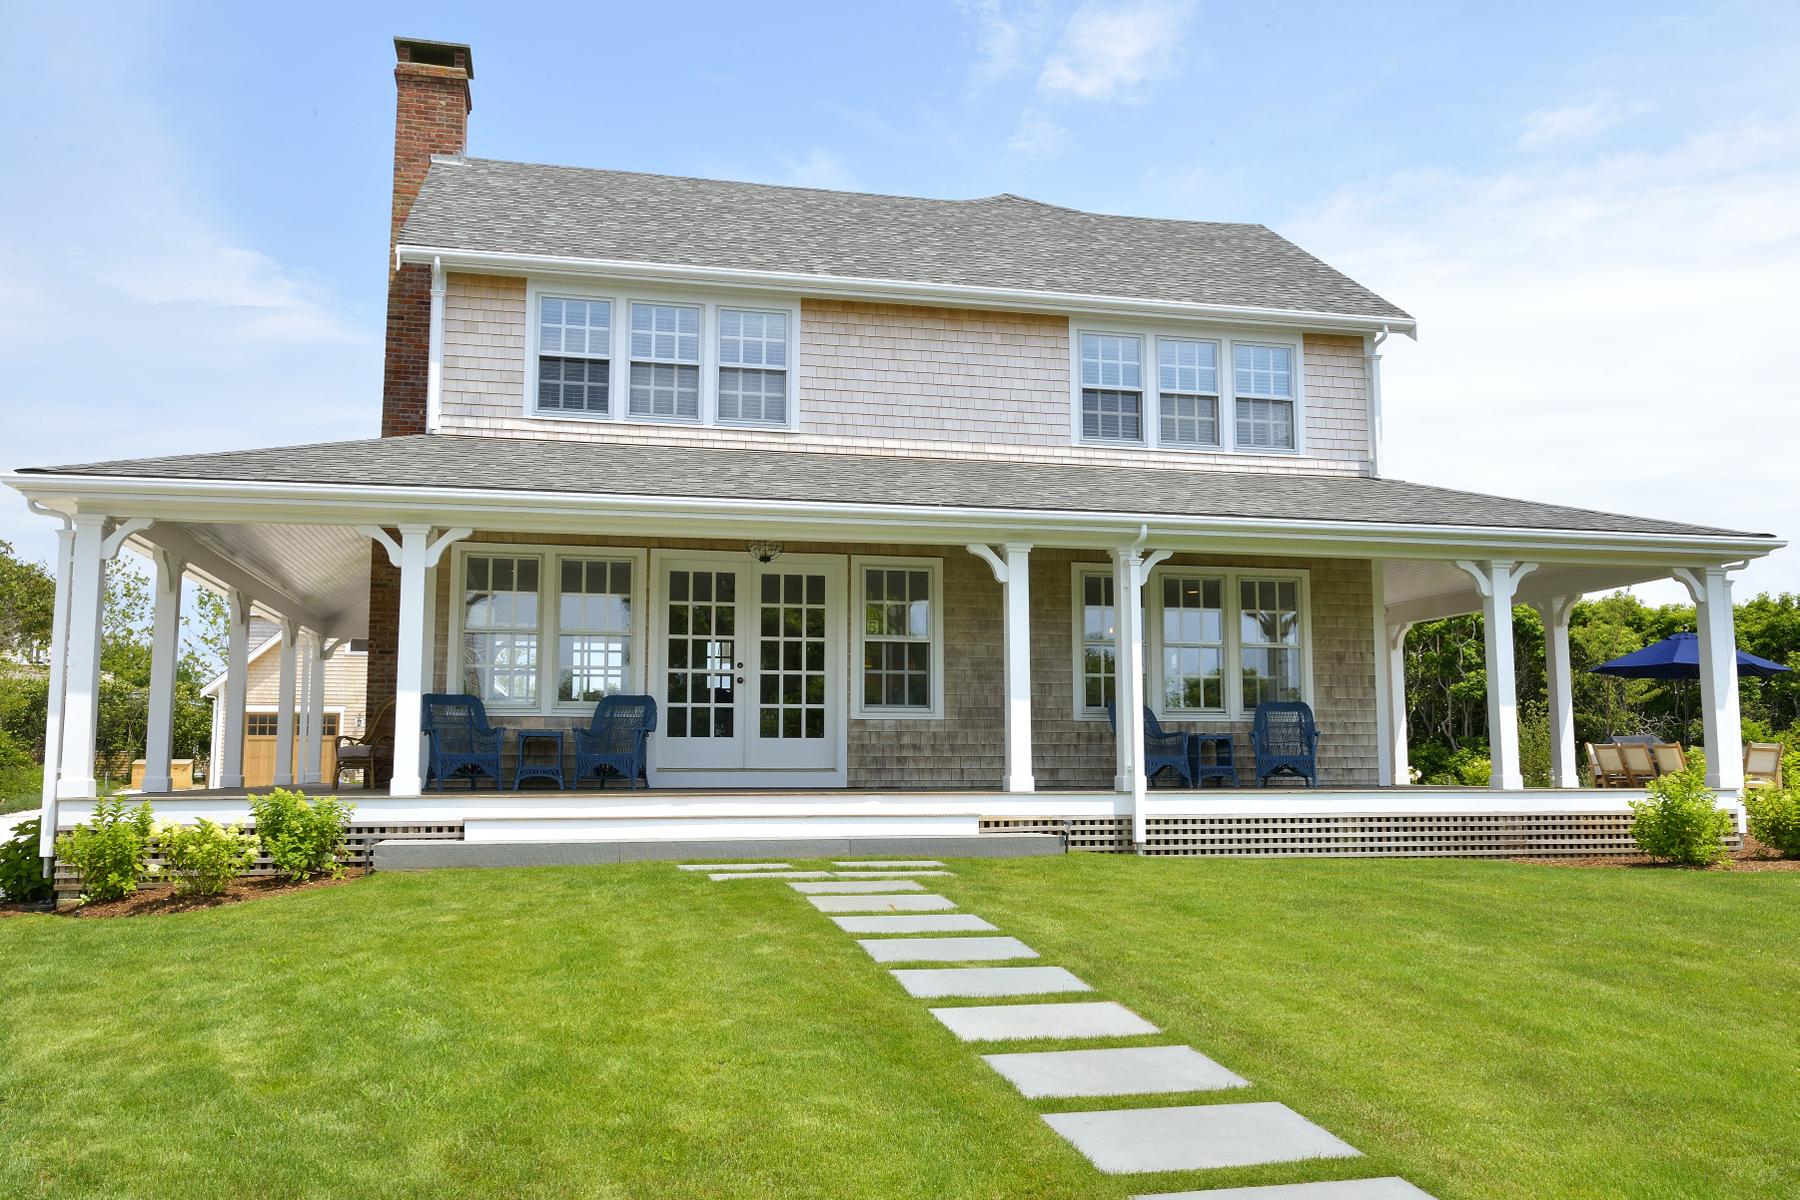 Частный односемейный дом для того Продажа на Classic and Charming Sconset 5 Stone Post Way Siasconset, Массачусетс, 02564 Соединенные Штаты